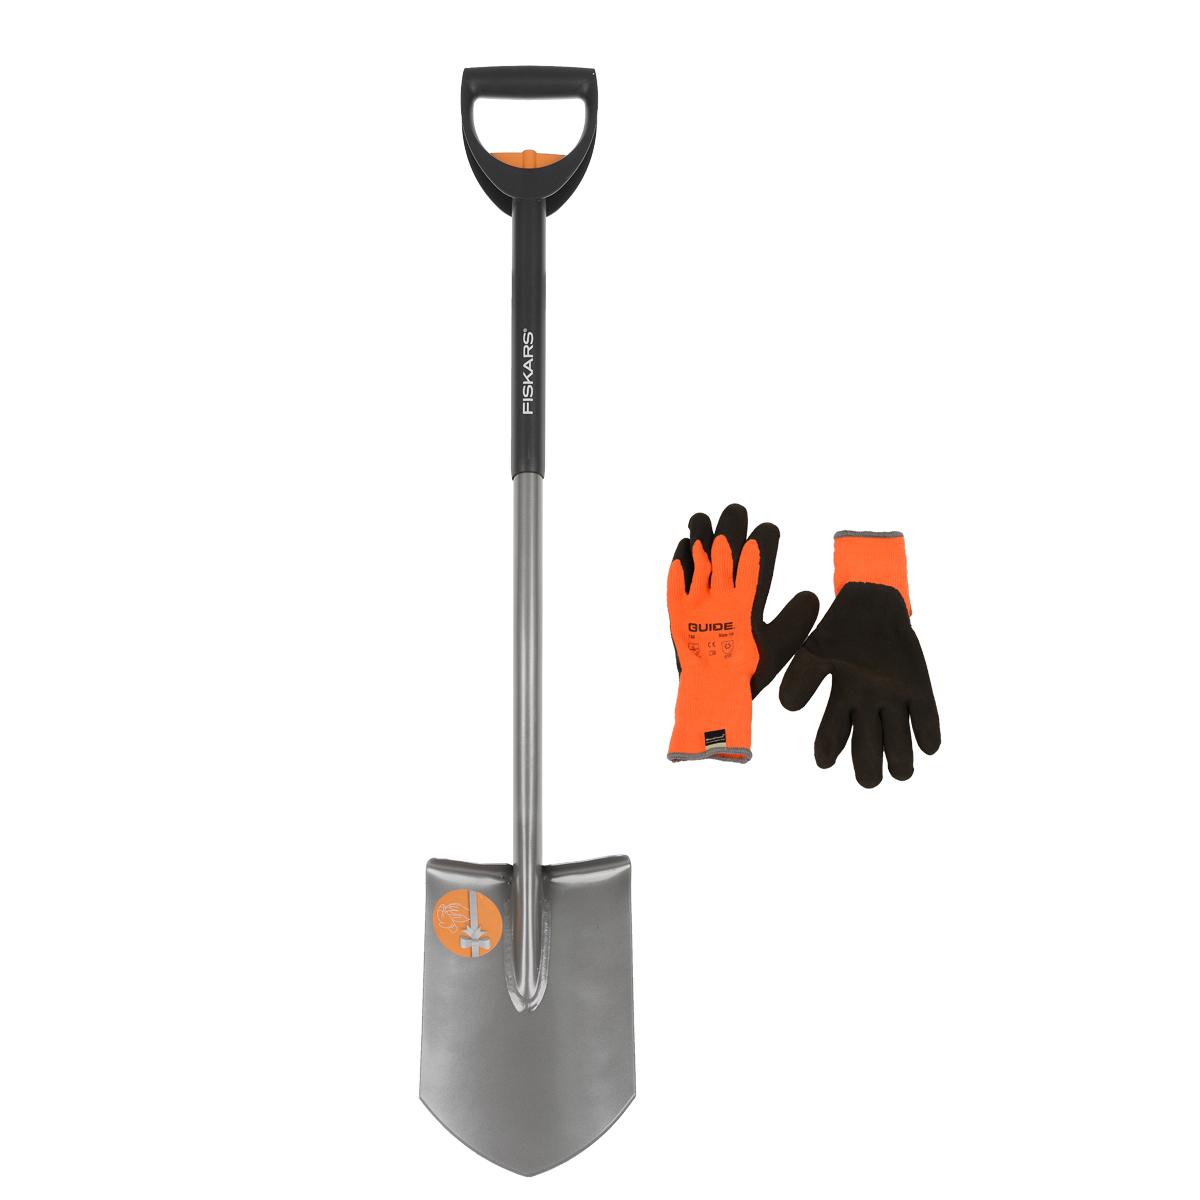 Лопата штыковая Fiskars с телескопическим черенком + ПОДАРОК: перчатки Guide391602Данная лопата предназначена для работы с каменистой и глинистой почвой. Подходит для рытья траншей.Особенности лопаты:Закругленная ручка, изготовленная из специального пластика, прослужит долгое время даже при сильном нажиме.Прочная рукоять изготовлена из нержавеющей стали.Заточенное лезвие справляется с грунтом практически любой твердости.Удобное расположение лезвия по отношению к черенку сделает работу легкой для человека с любой физической подготовкой.Черенок надежно приварен к рукоятке.Пригодится при приготовлении строительных и удобрительных смесей.Лезвие долго остается острым.Угол изгиба черенка способствует удобному захвату и не напрягает кисть руки.Регулируемая длина черенка дает возможность для работы людям разного роста.В комплекте с лопатой идут в подарок перчатки Guide размер 10. Для повышения гибкости в применении эти перчатки короче стандартной длины. Это обеспечивает удобство в сборке и выполнении более простых задач. Характеристики: Материал: металл, пластик. Длина лопаты: 105-125 см. Размер упаковки: 116 см х 20 см х 10 см.